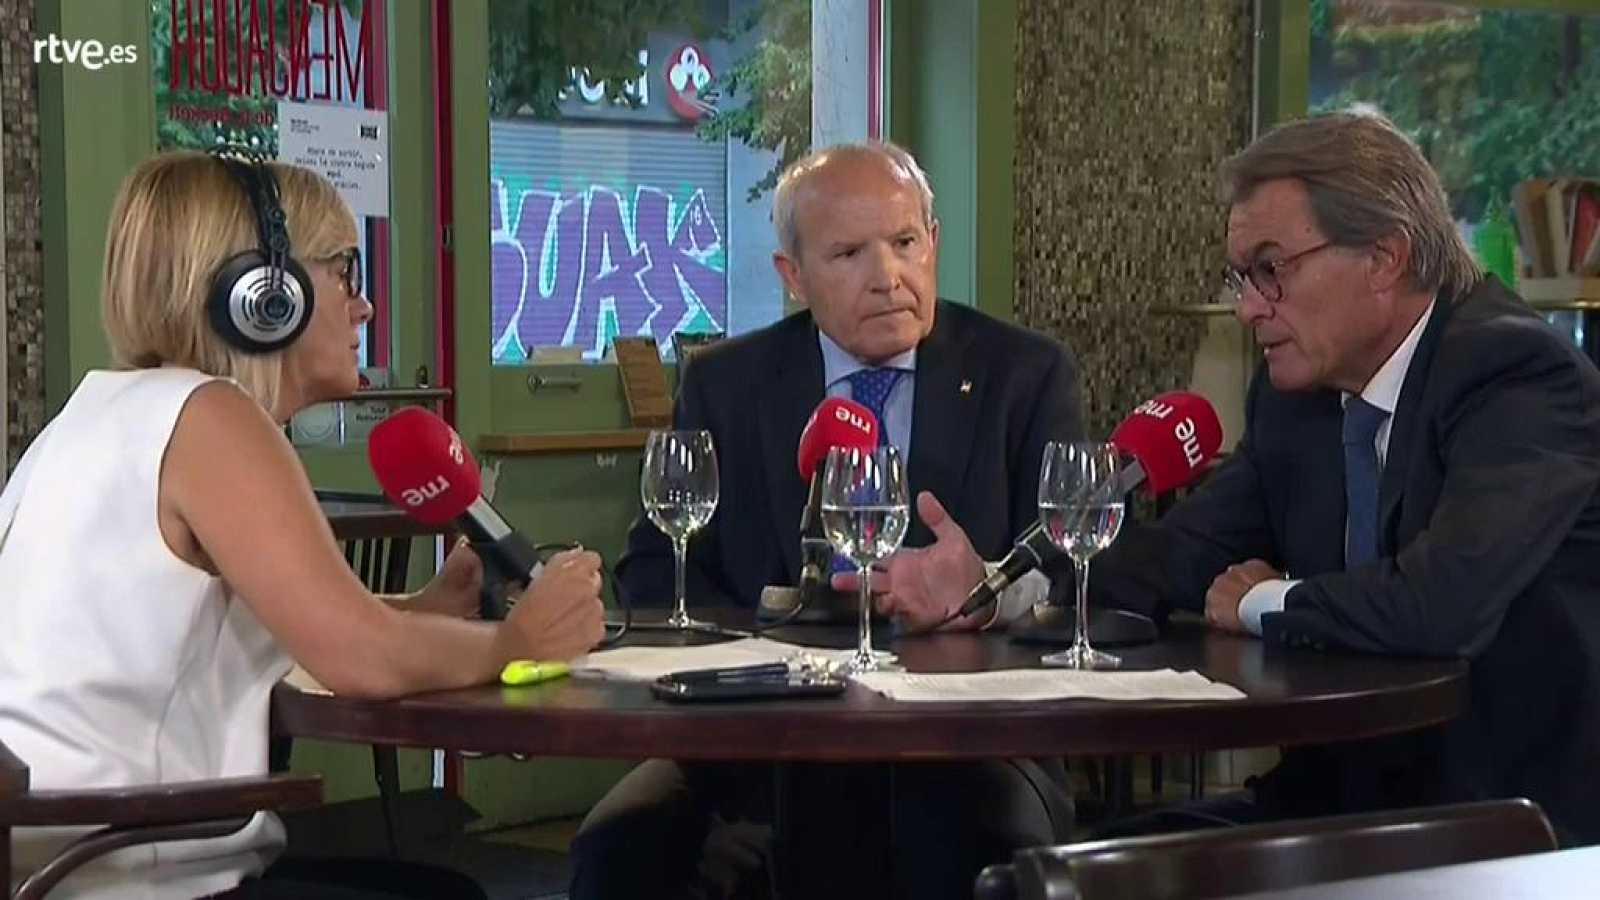 Un cafè d'idees amb Gemma Nierga - Artur Mas i José Montilla han coincidit a lamentar la manca d'acord per a formar govern a Espanya